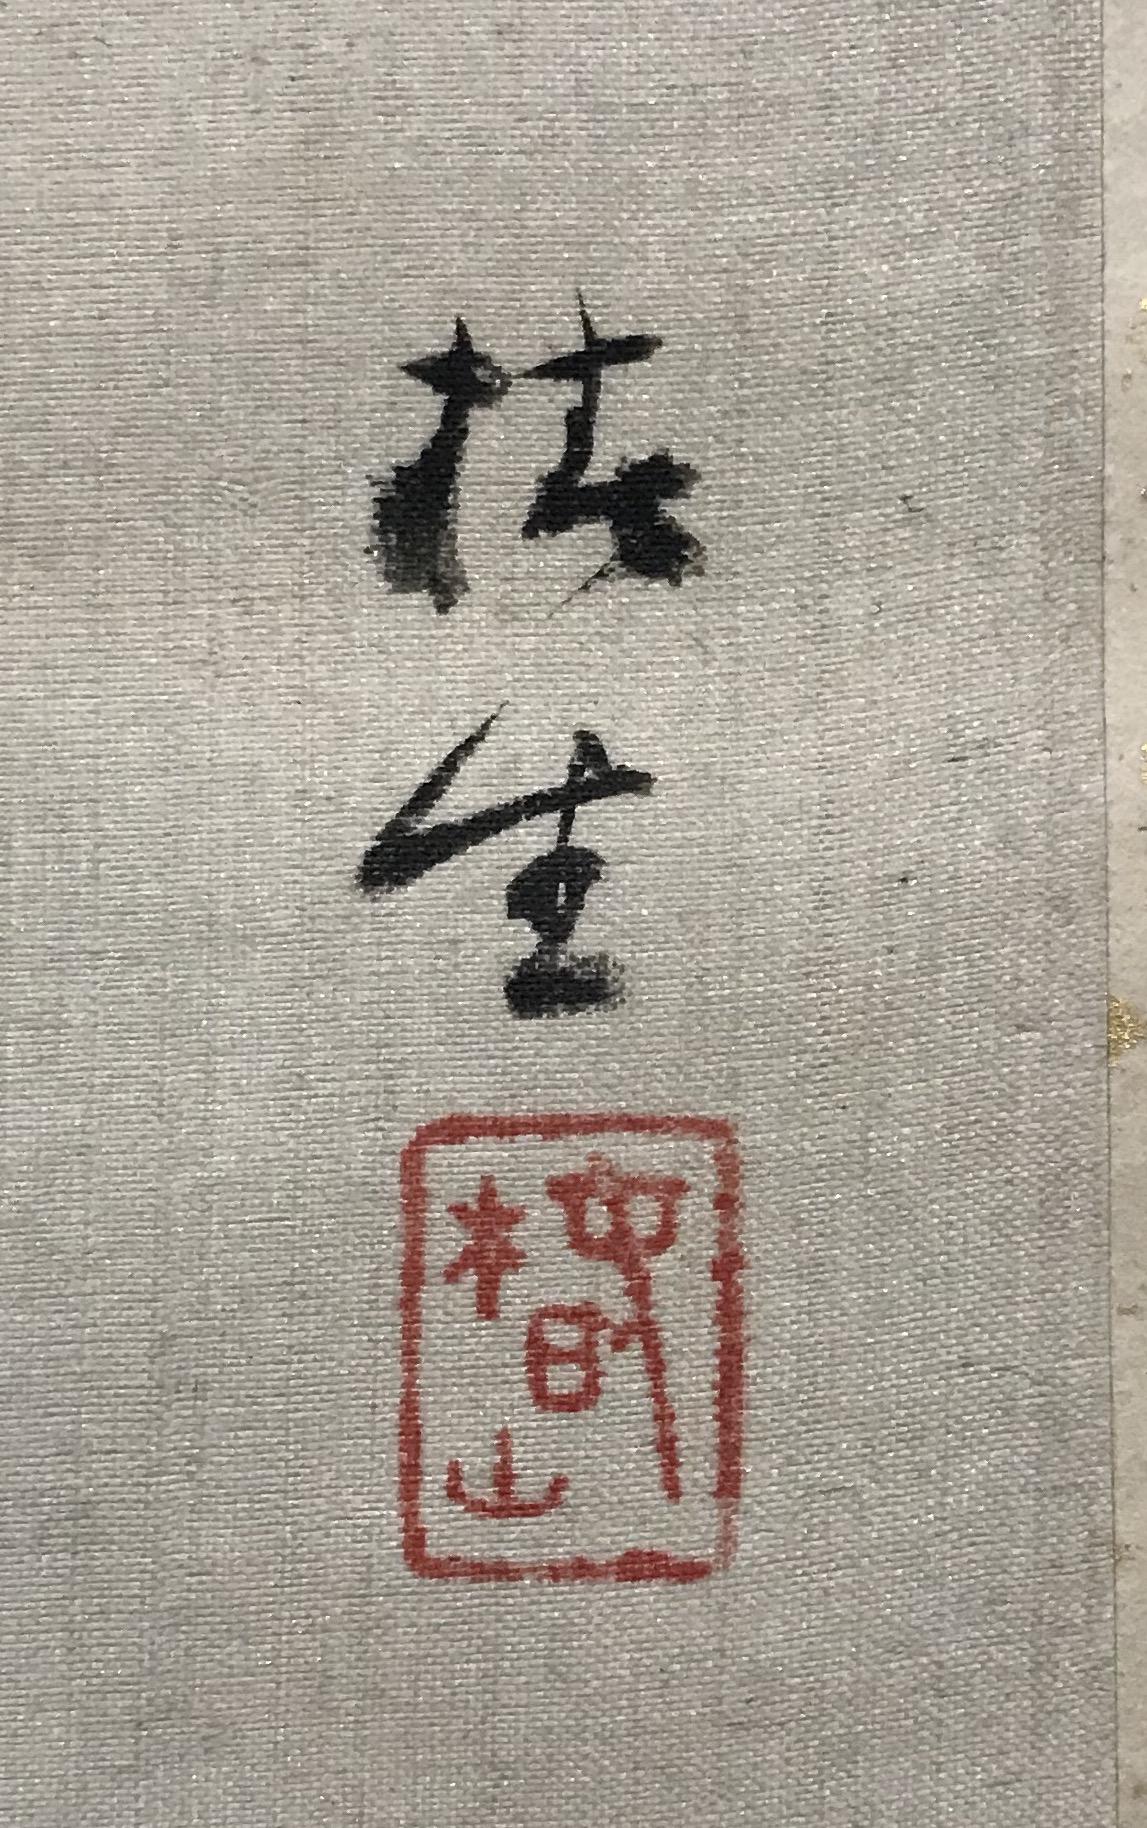 落款印章 : 落款:椿生 / 印章:椿山